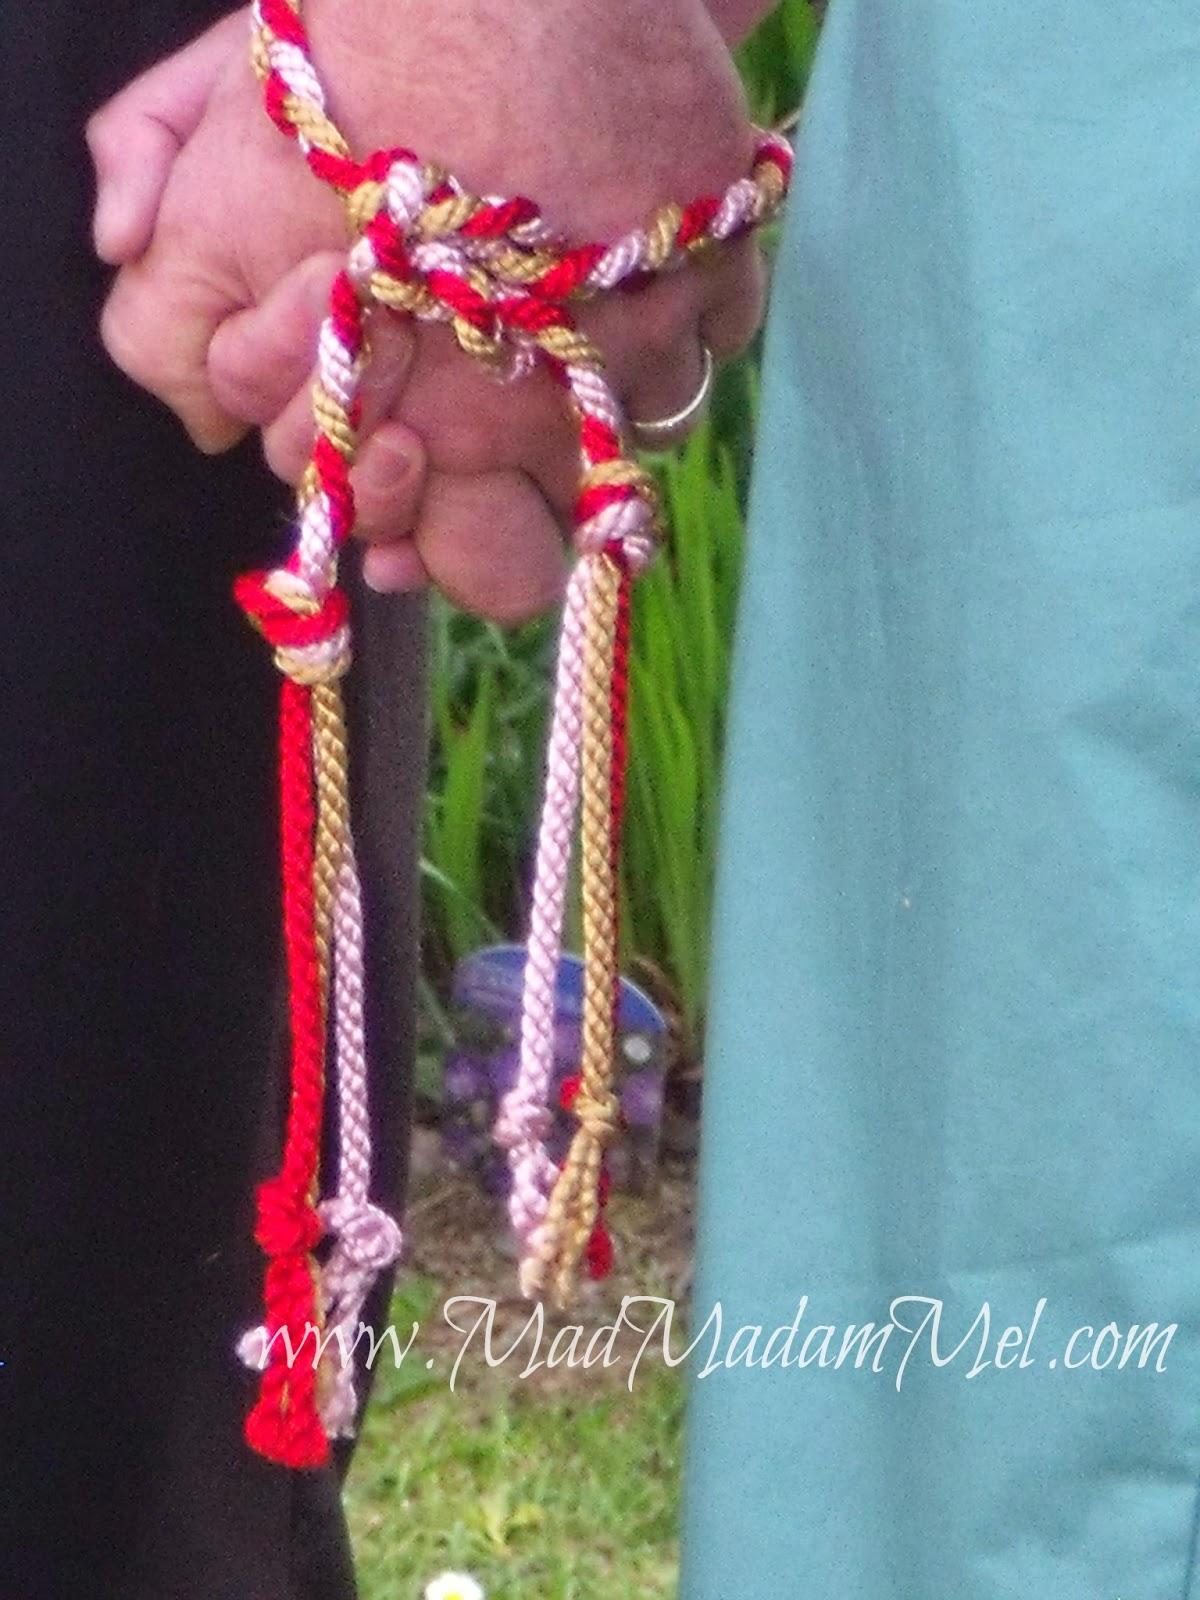 pagan handfasting cords